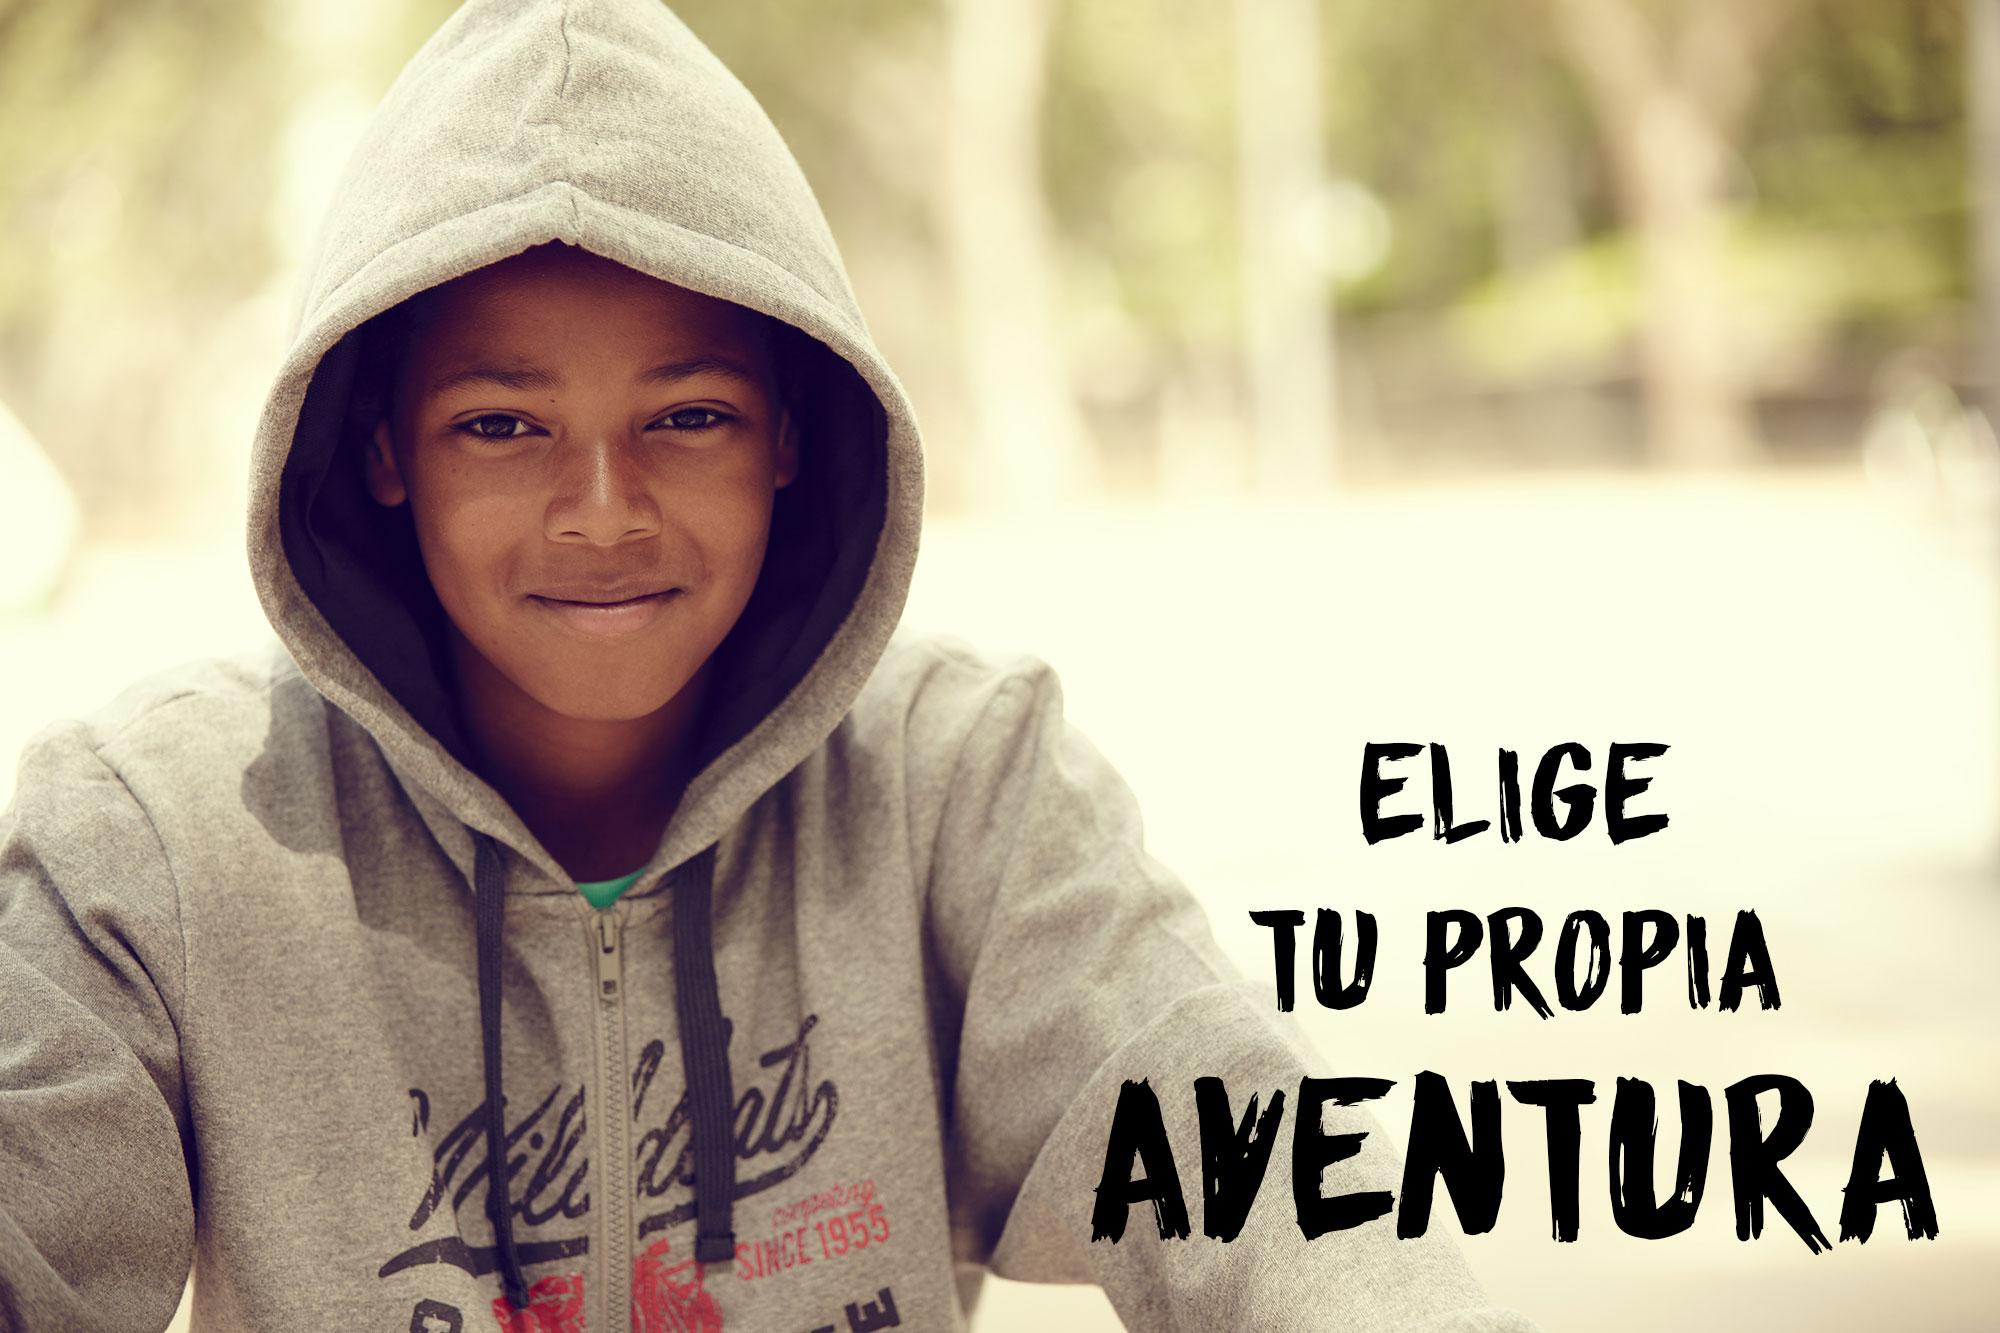 elije tu propia aventura